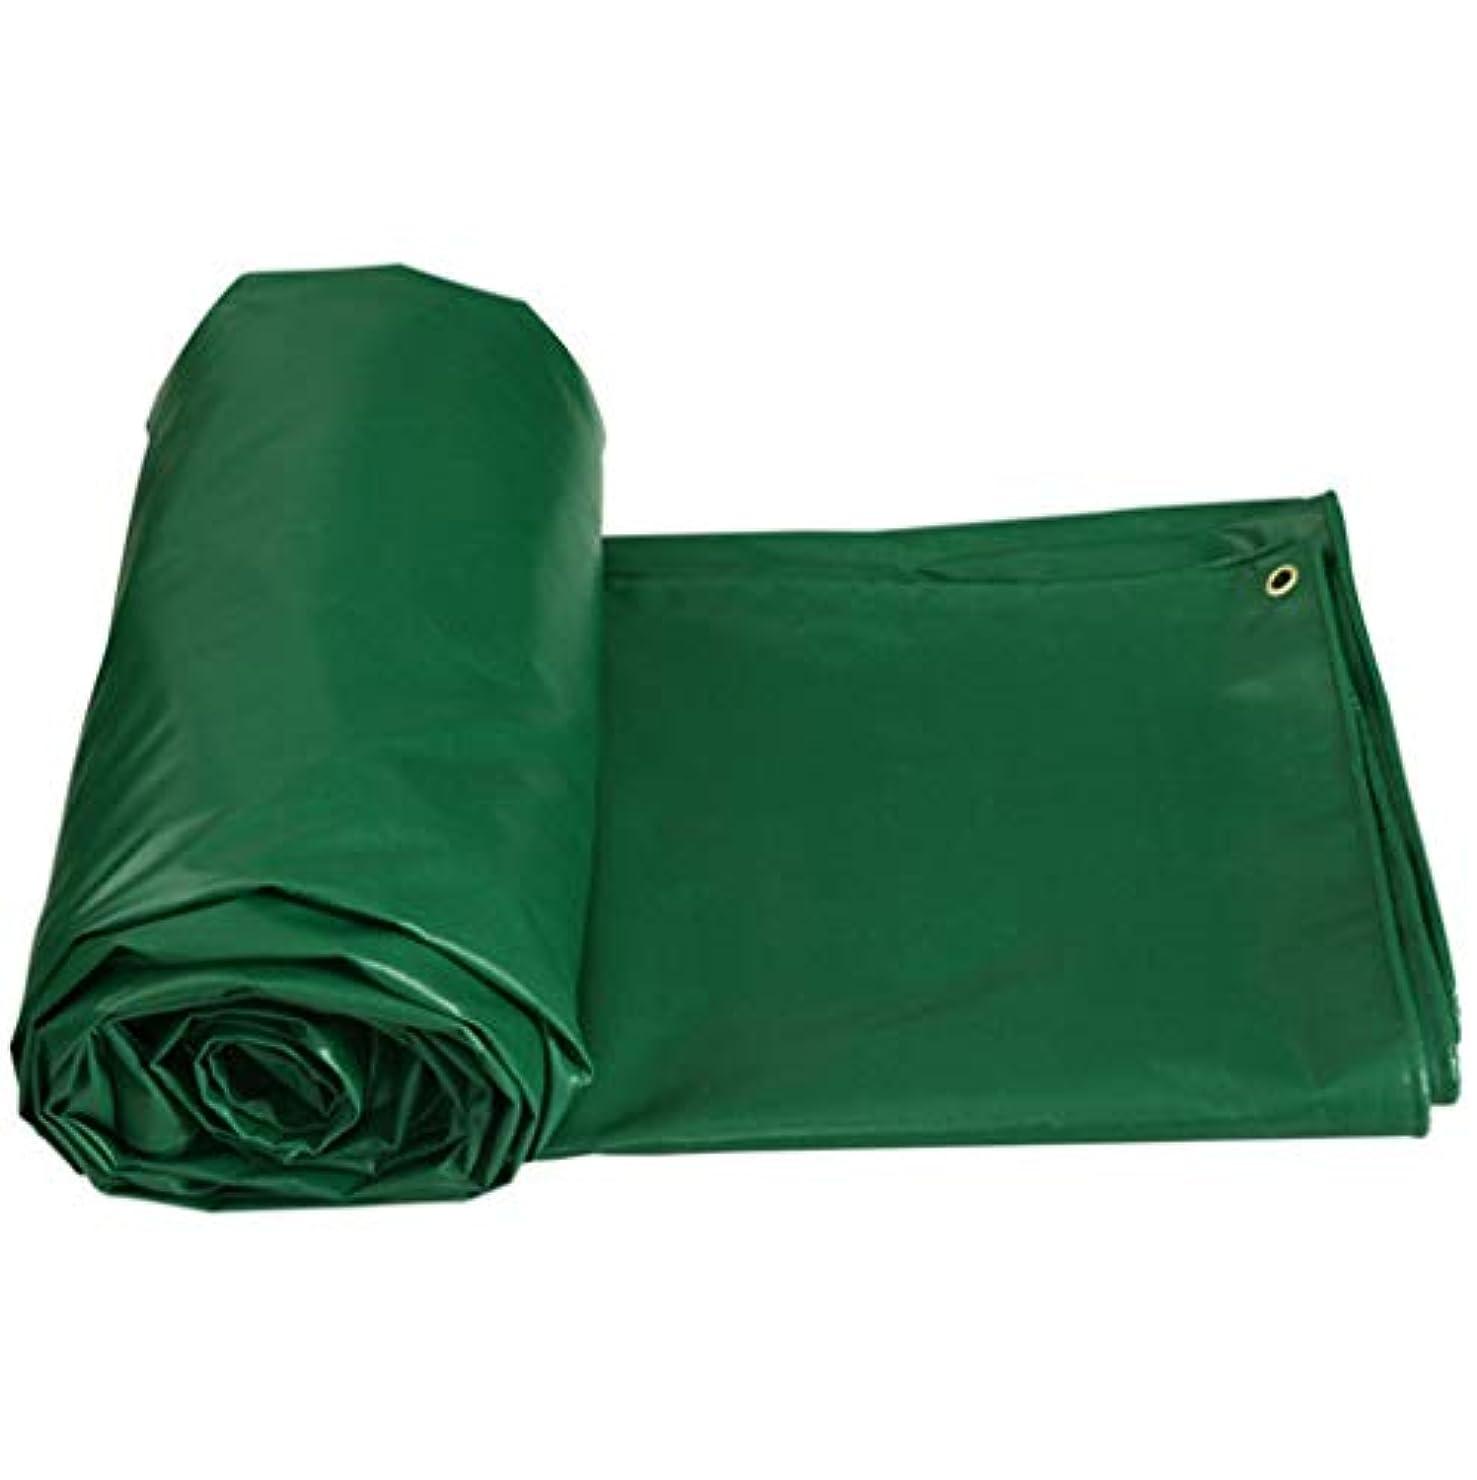 少数なめるマウスオーニングテント ターポリン 緑 厚い レインプルーフクロス 防水 老化防止 折りやすい 耐摩耗性 PVC 温室 アウトドア アースカバー420g /m²